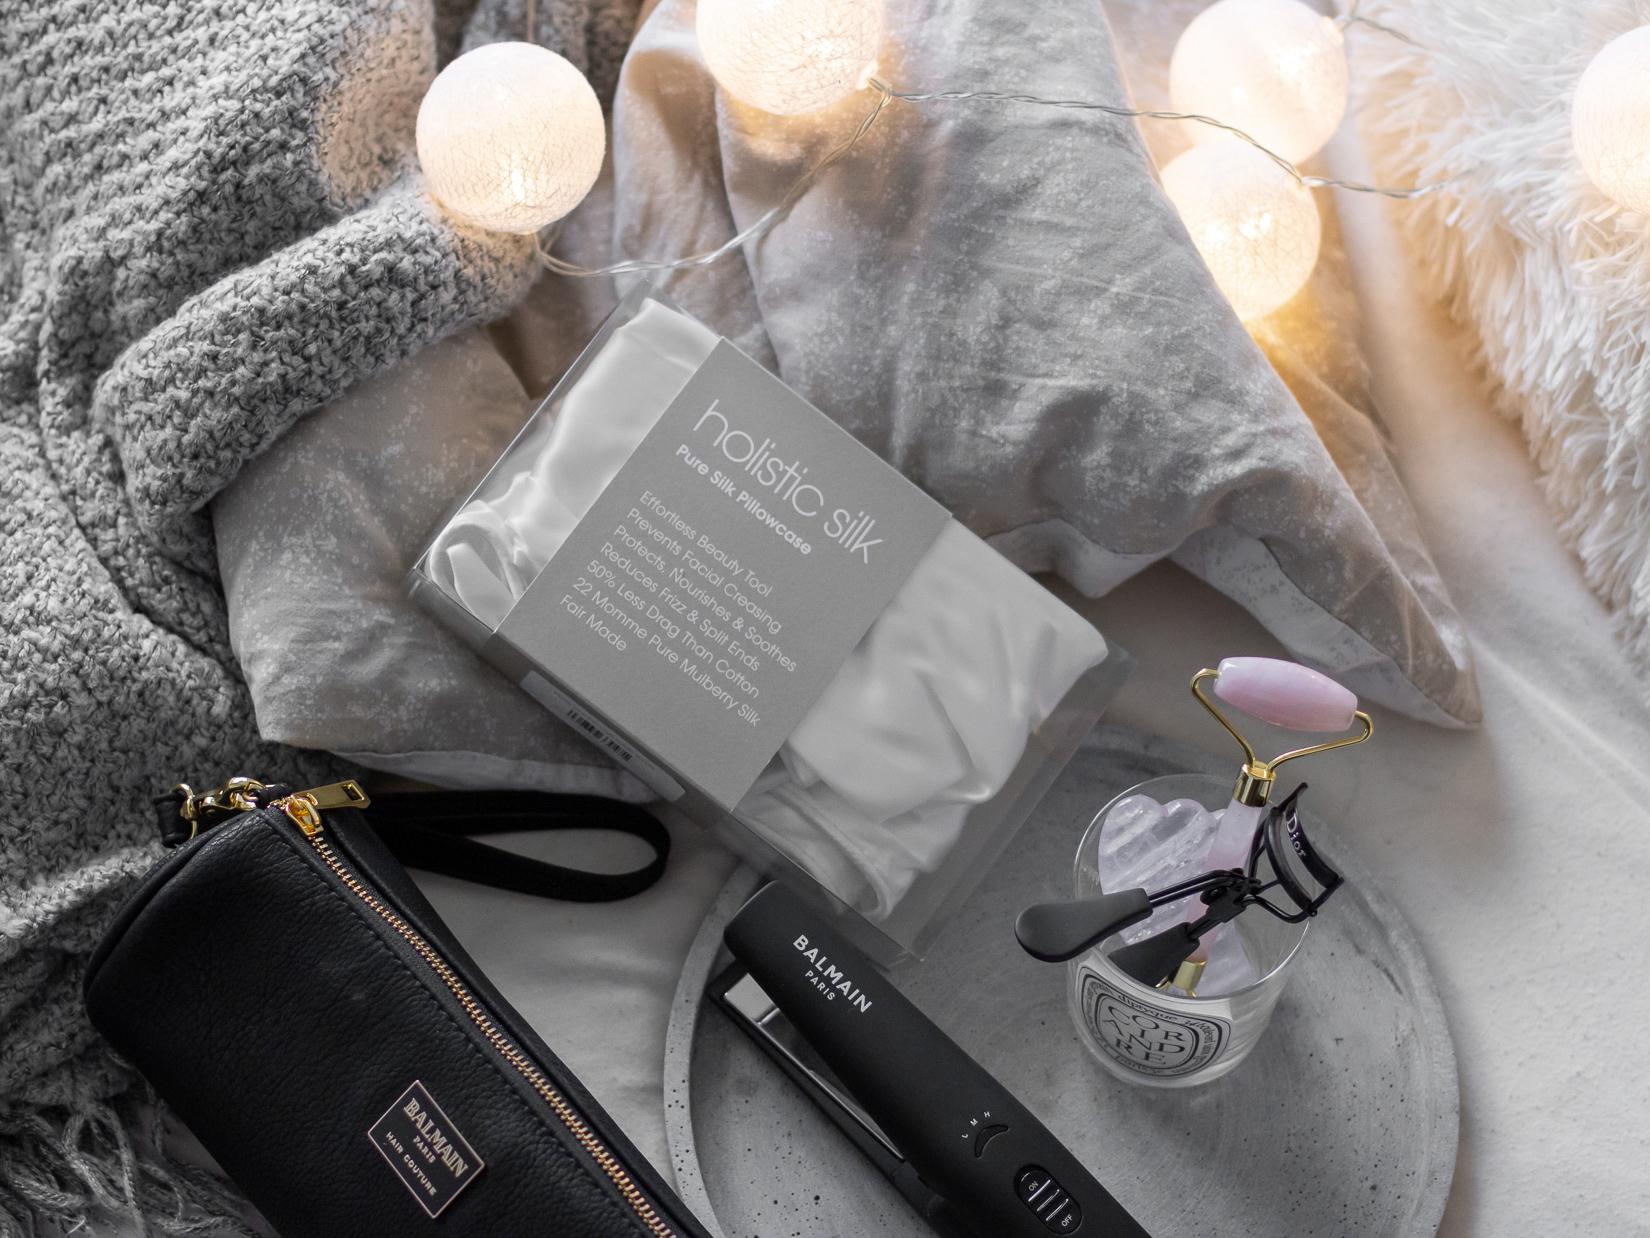 tipy na kosmetické dárky 2019 vánoce